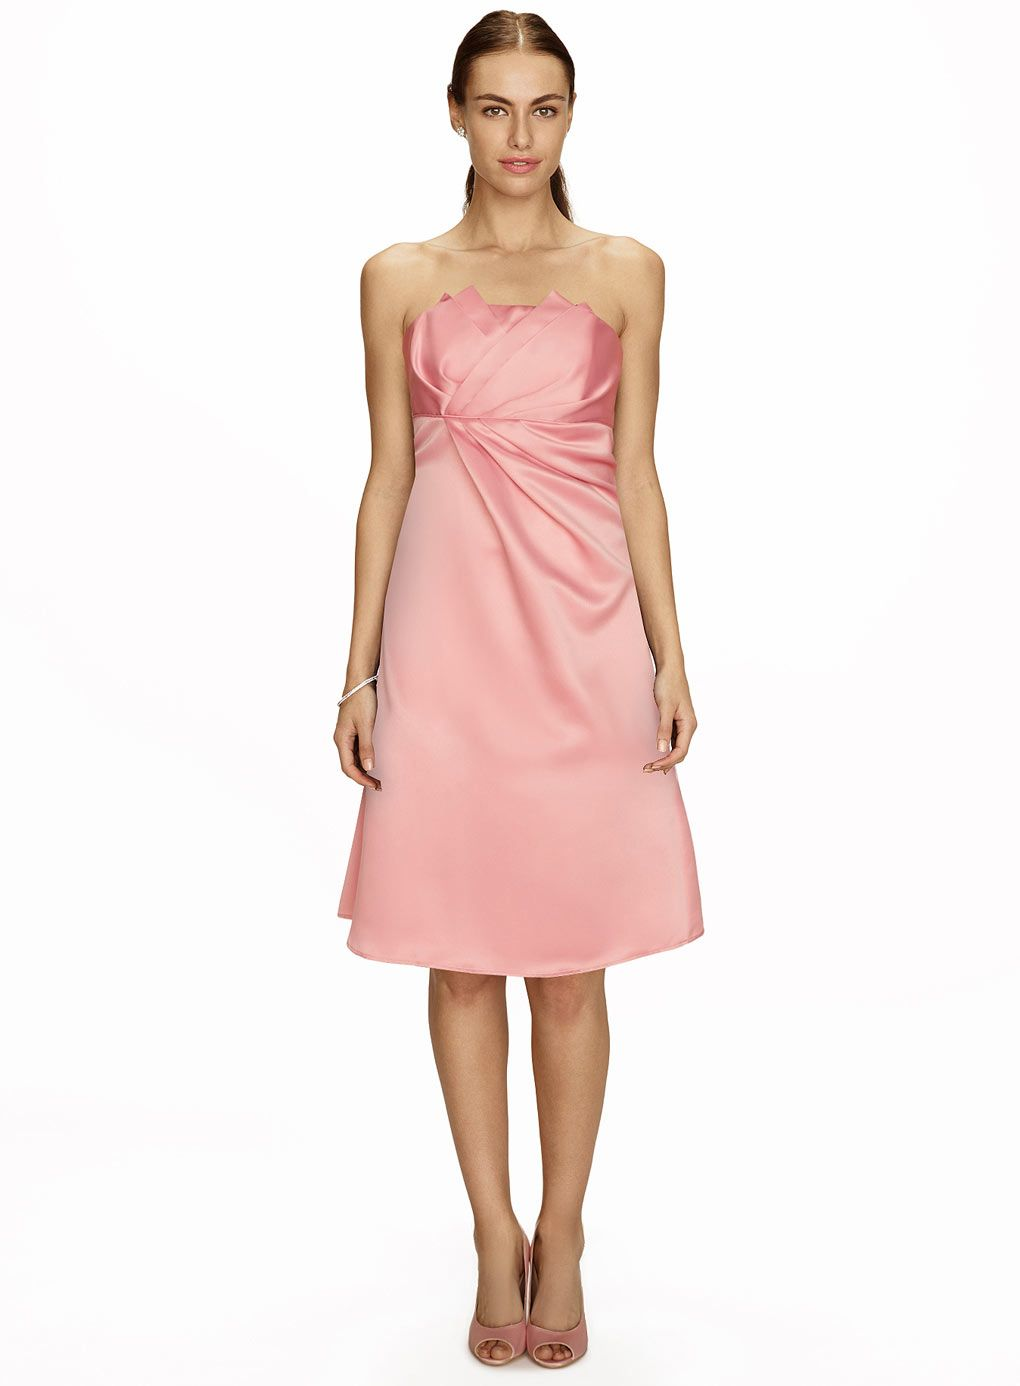 Iris ballet pink short dress pink bridesmaid dress httpwww iris ballet pink short dress pink bridesmaid dress httpweddingheart ombrellifo Choice Image